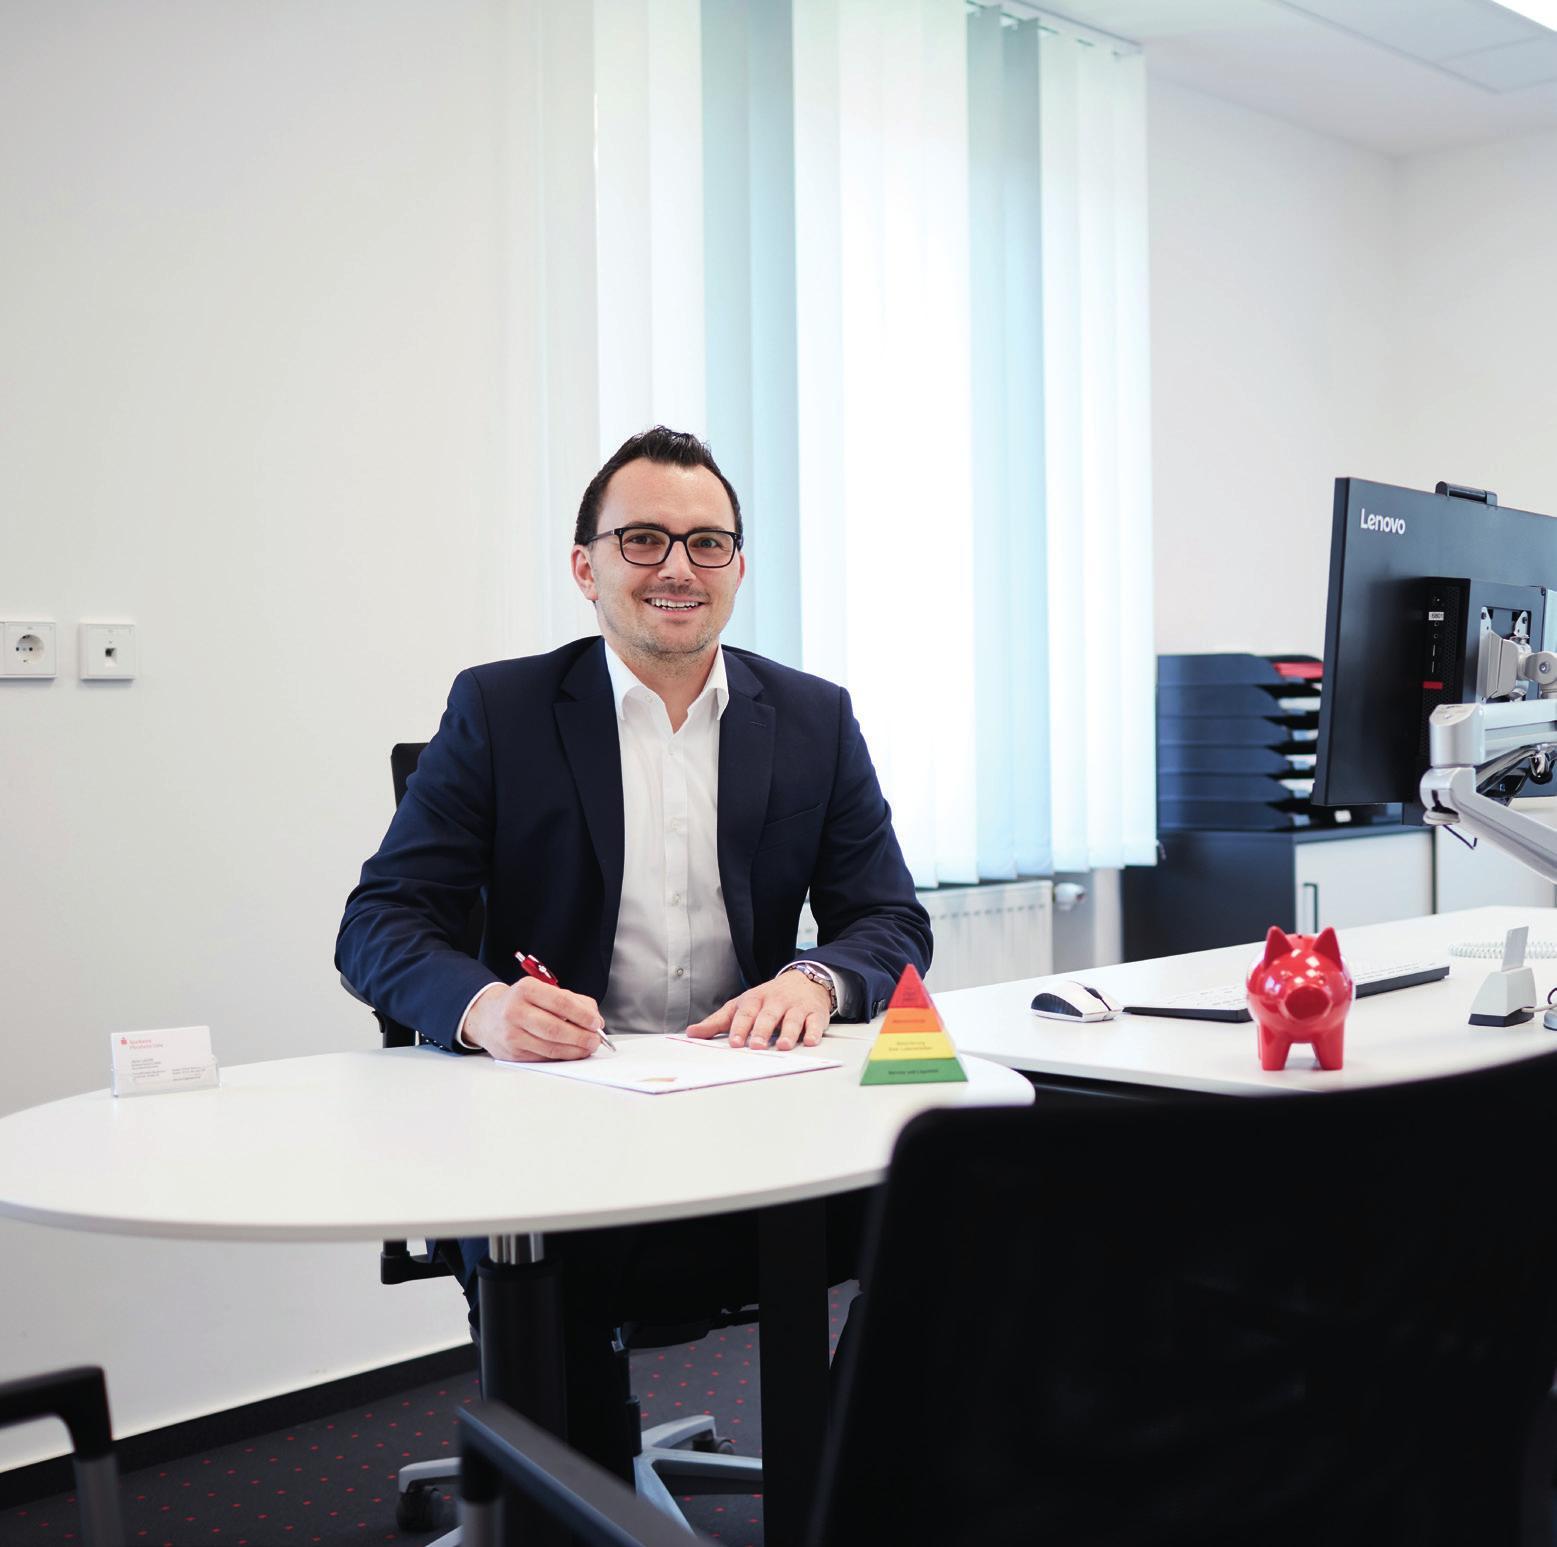 Jens Leicht leitet die Geschäftsstelle der Sparkasse in Maulbronn.